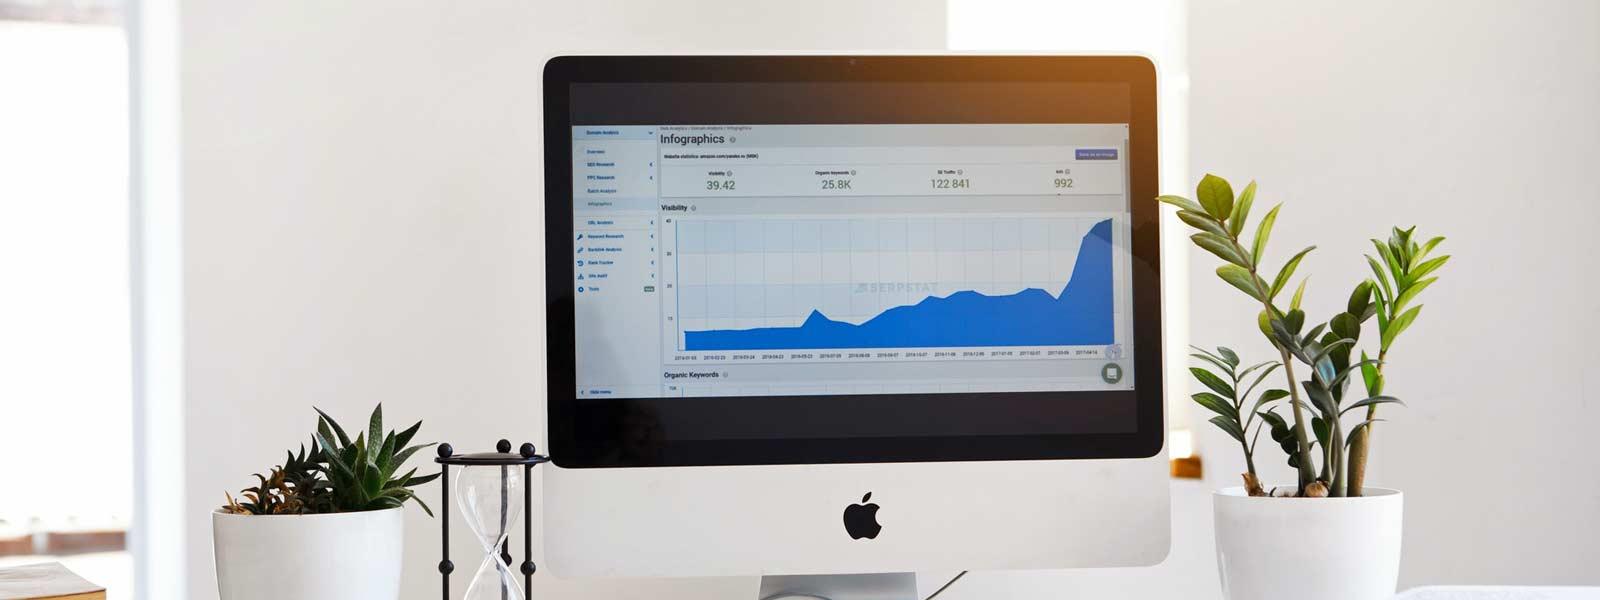 grafiek op een computer scherm